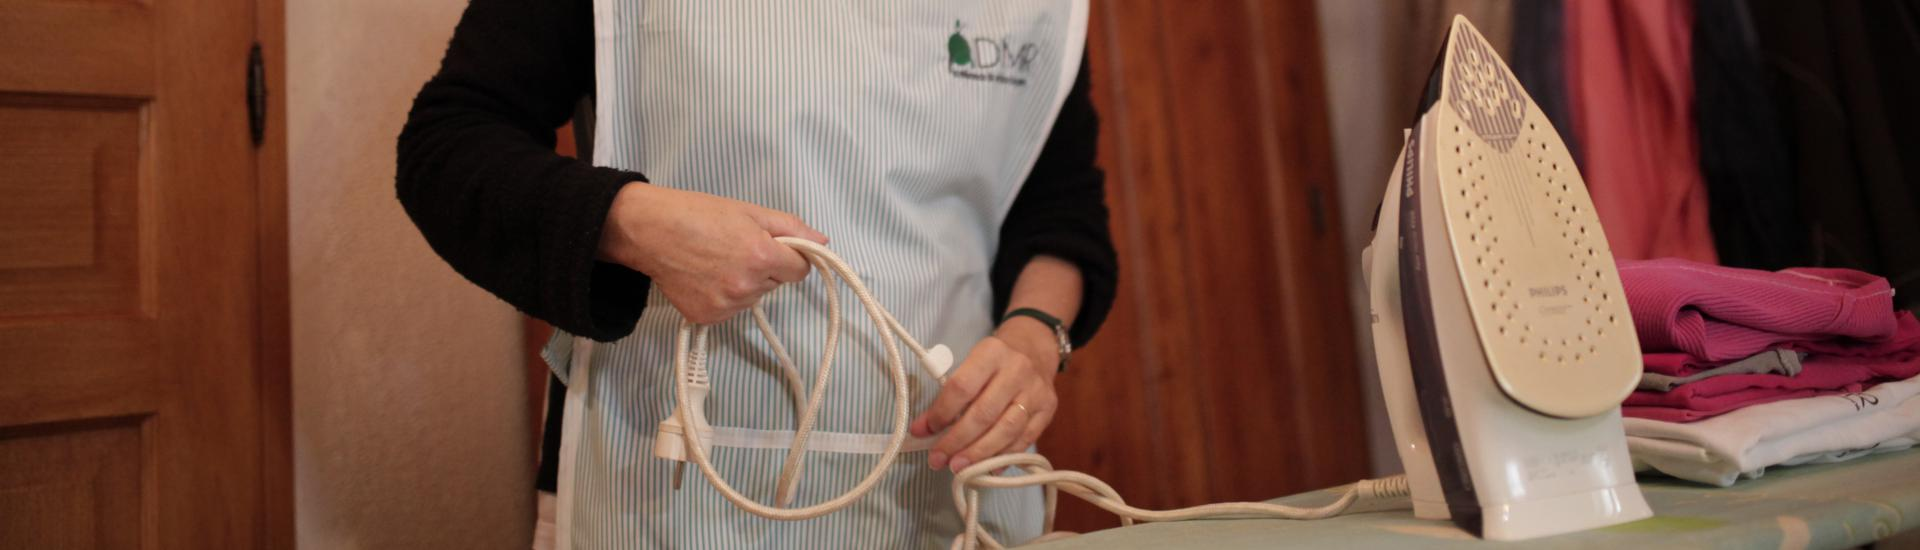 Repassage et entretien du linge